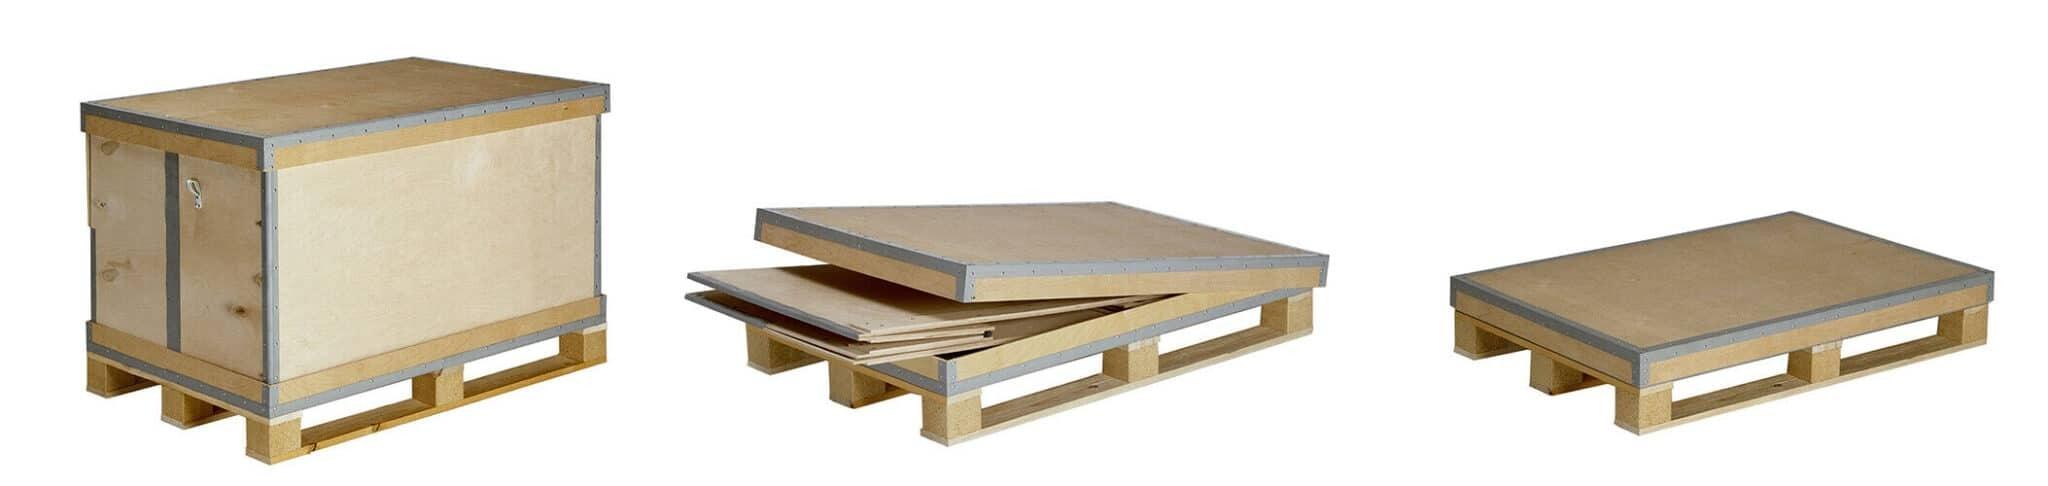 NO-NAIL BOXES propose des caisses spécialement conçues pour faire des navettes.